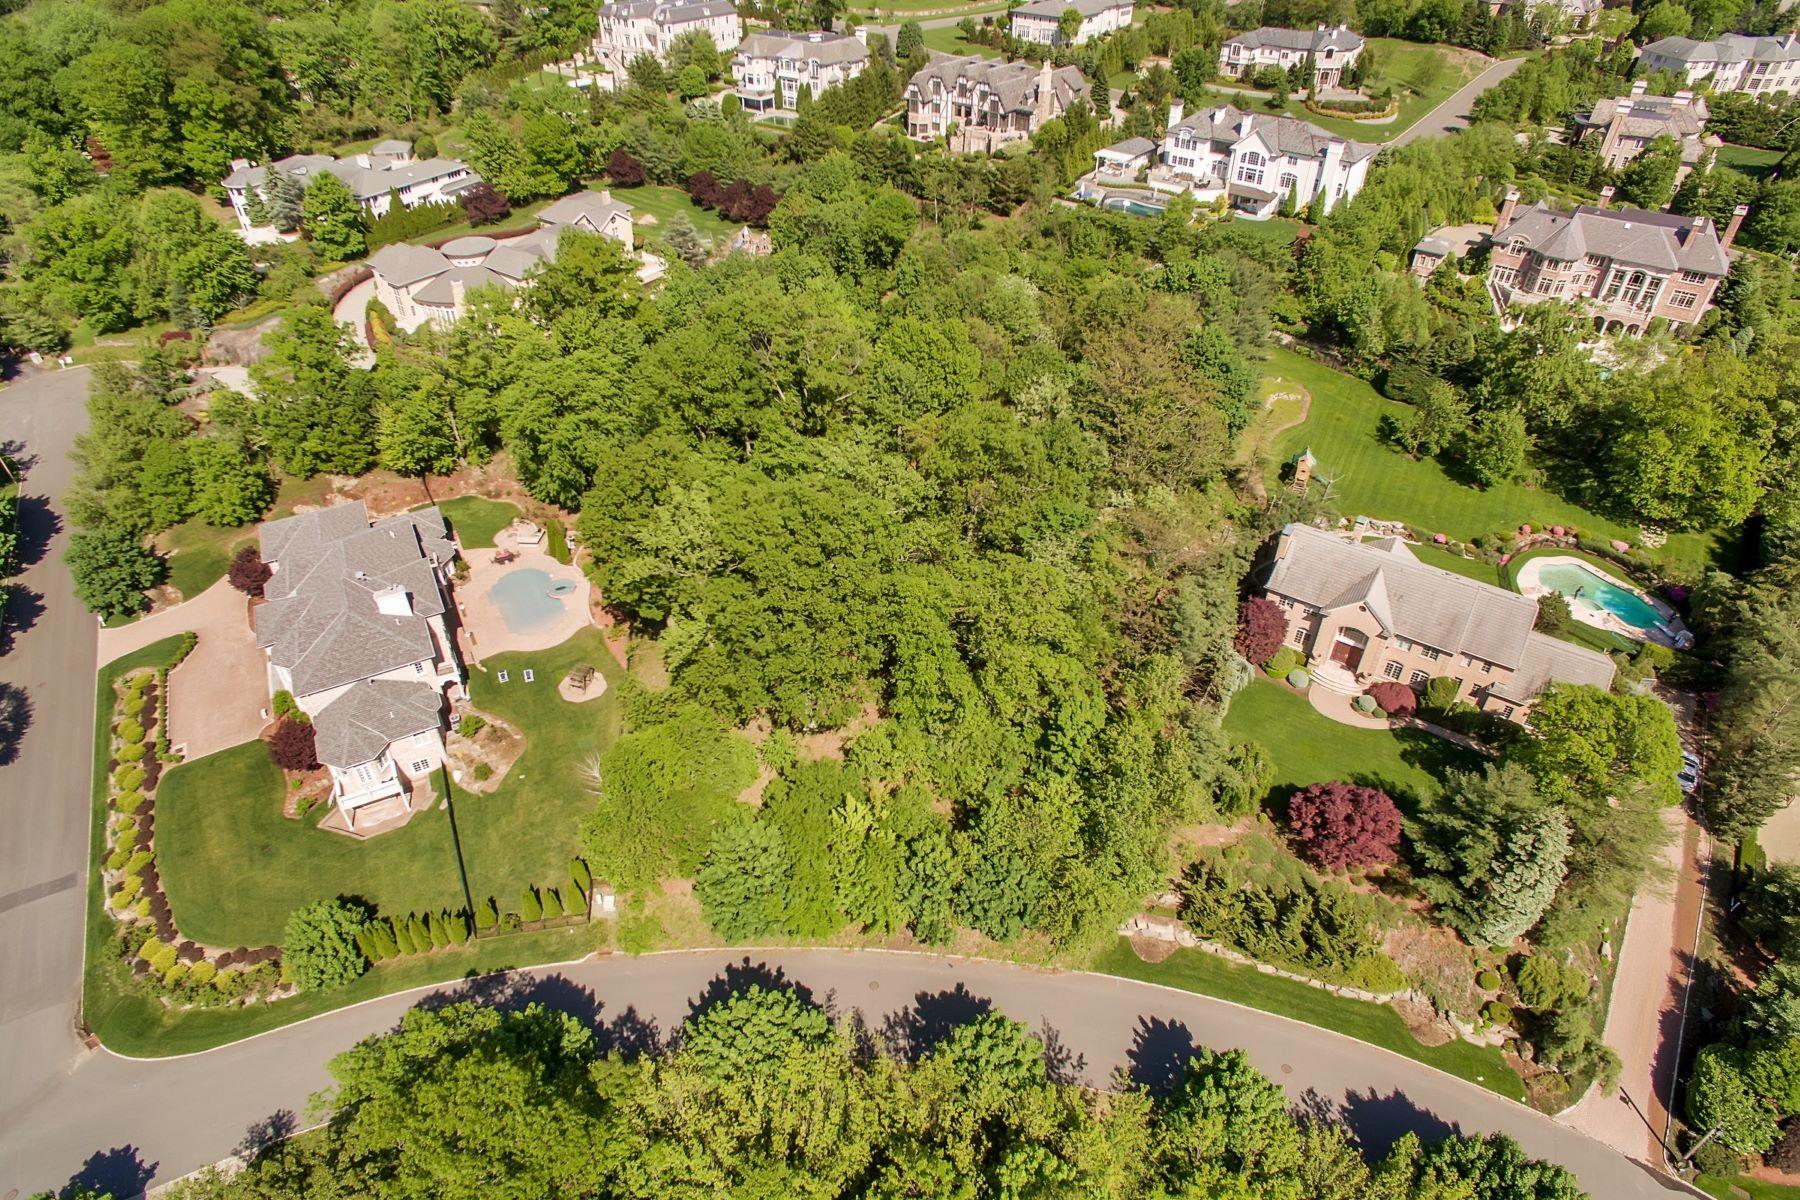 Земля для того Продажа на Incredible Land Opportunity 103 Huyler Landing Rd, Cresskill, Нью-Джерси 0762 Соединенные Штаты